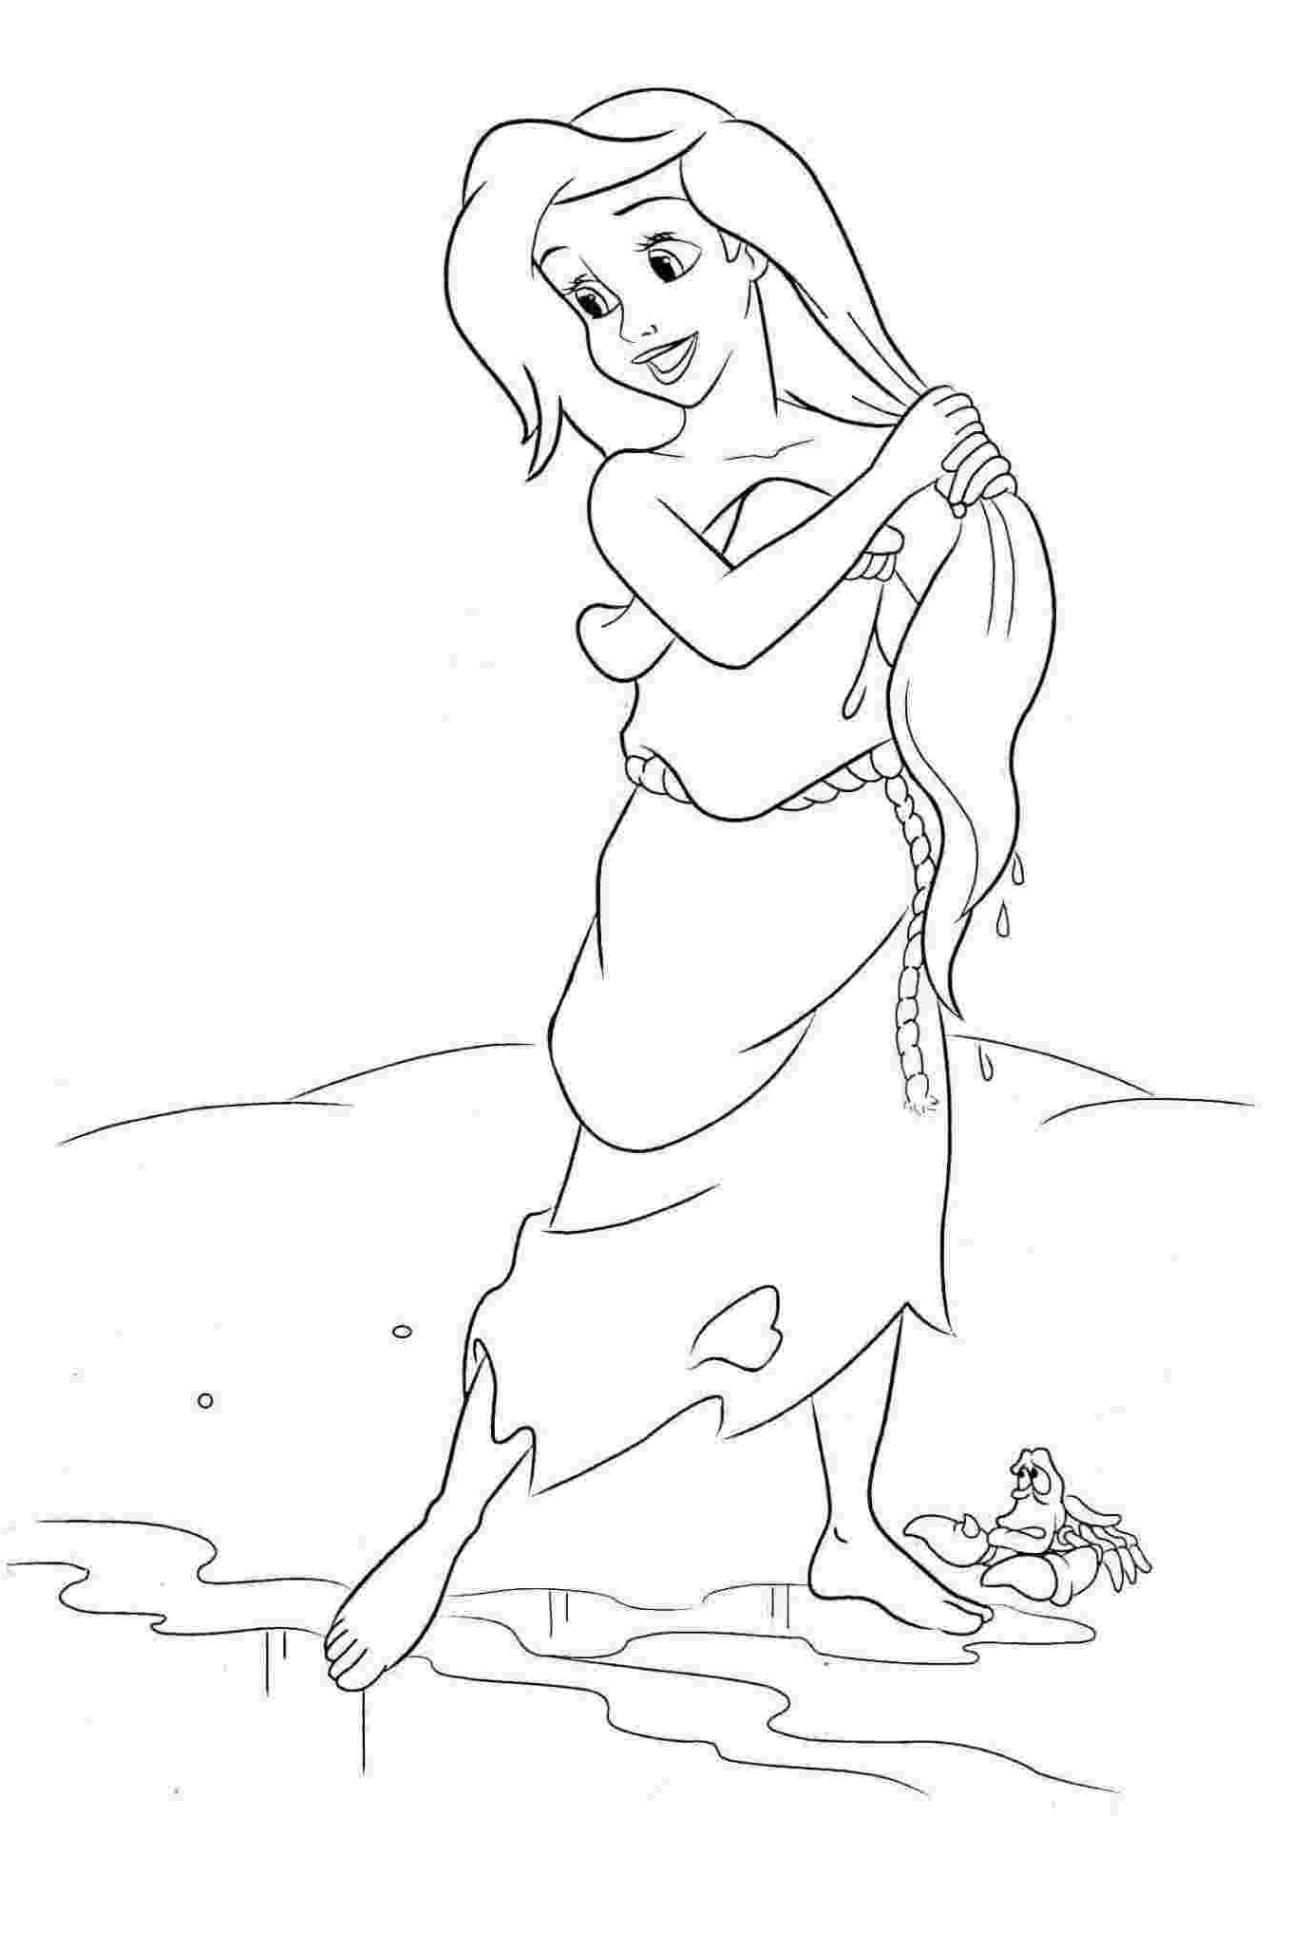 Ausmalbilder H2o Plötzlich Meerjungfrau Das Beste Von Pin Malvorlagen Meerjungfrau On Pinterest Galerie